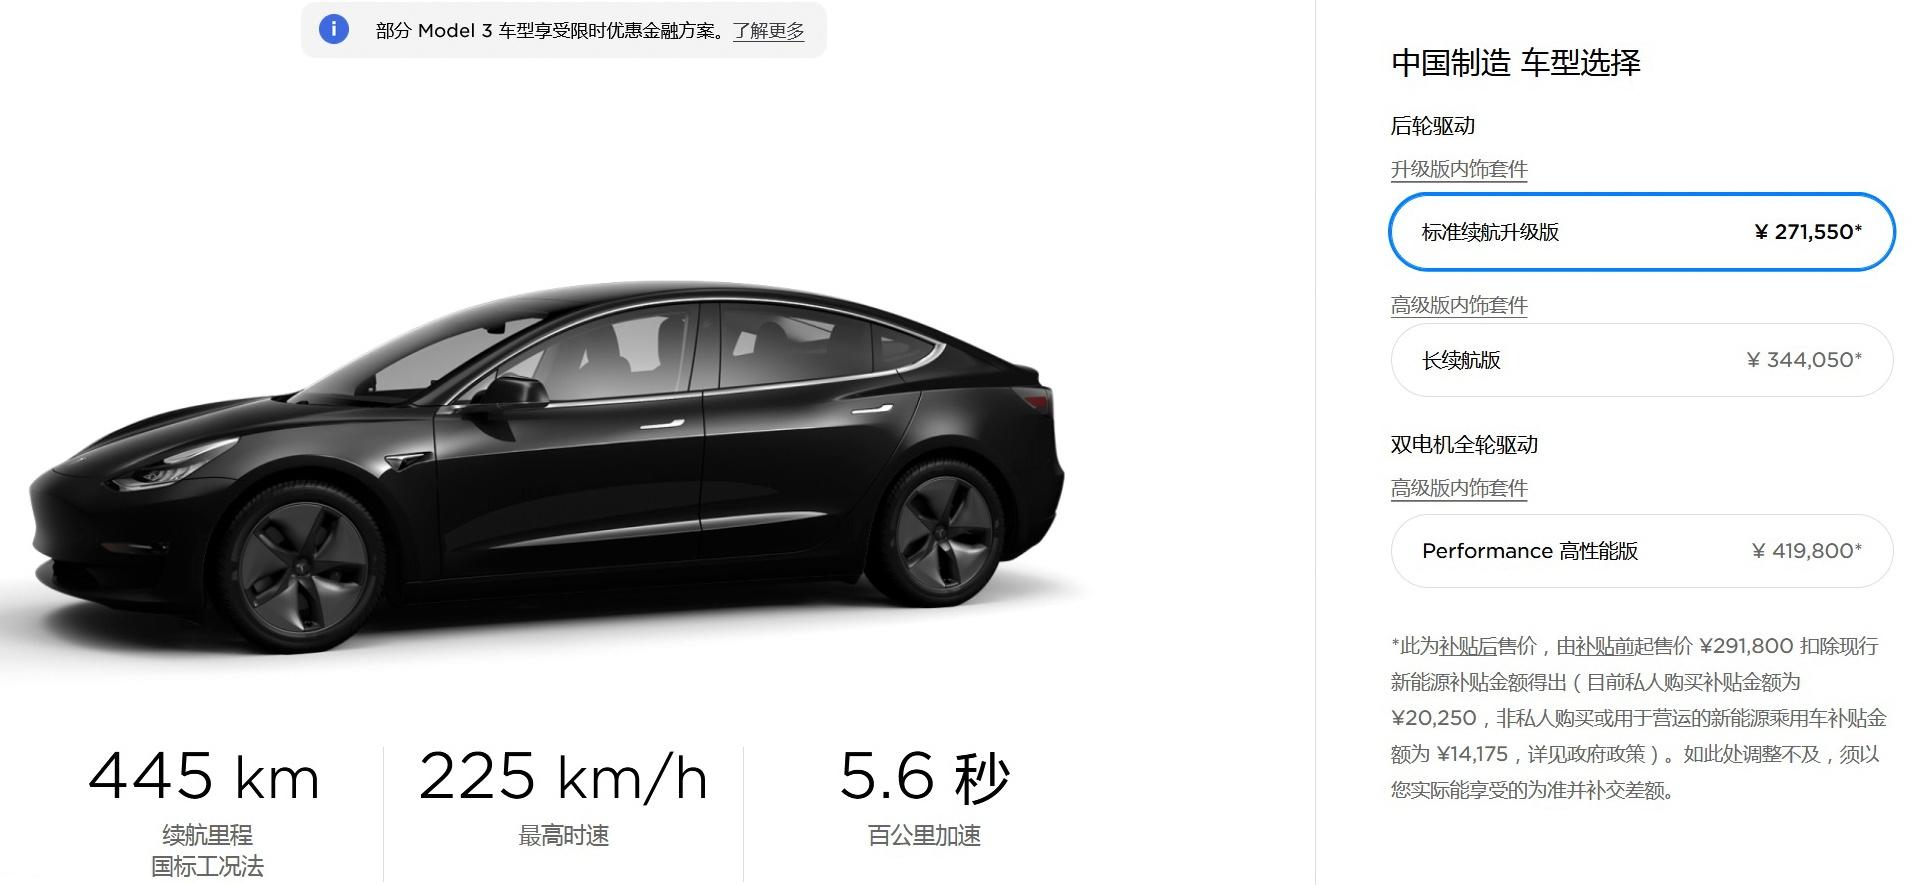 特斯拉国产Model 3 降价后价格